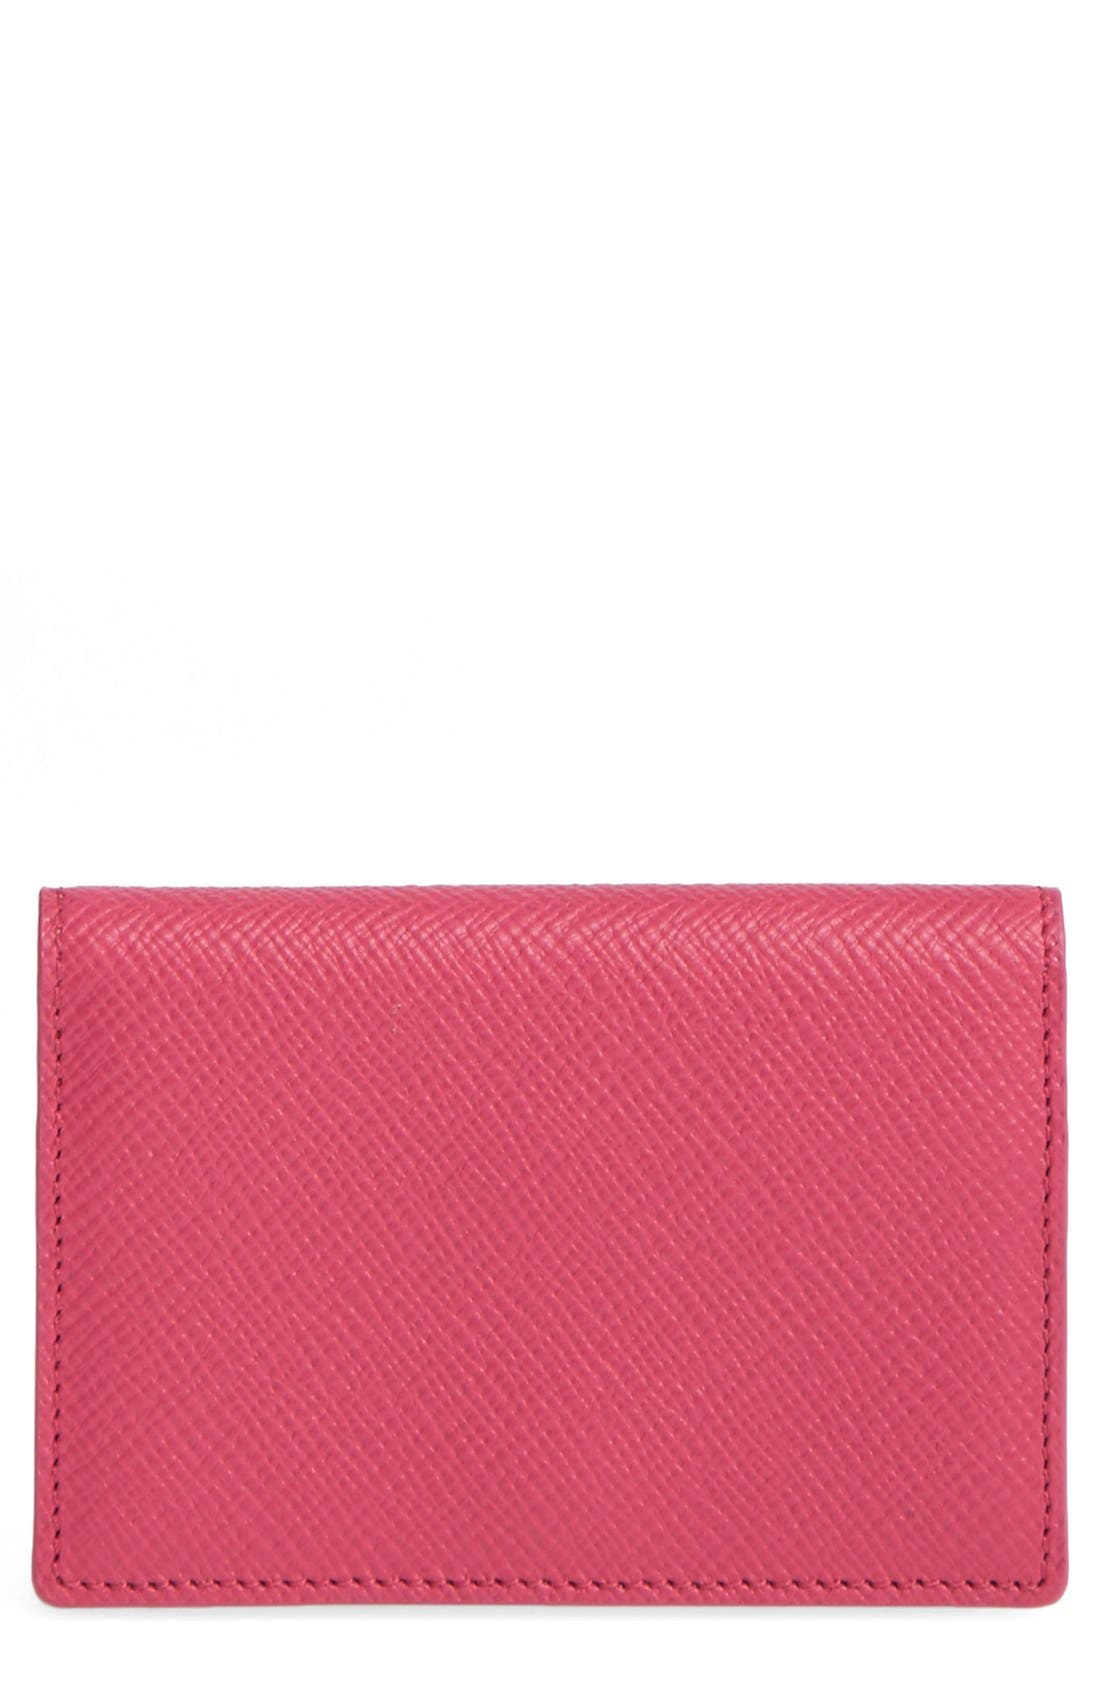 'Panama' Card Case,                         Main,                         color, Fuchsia